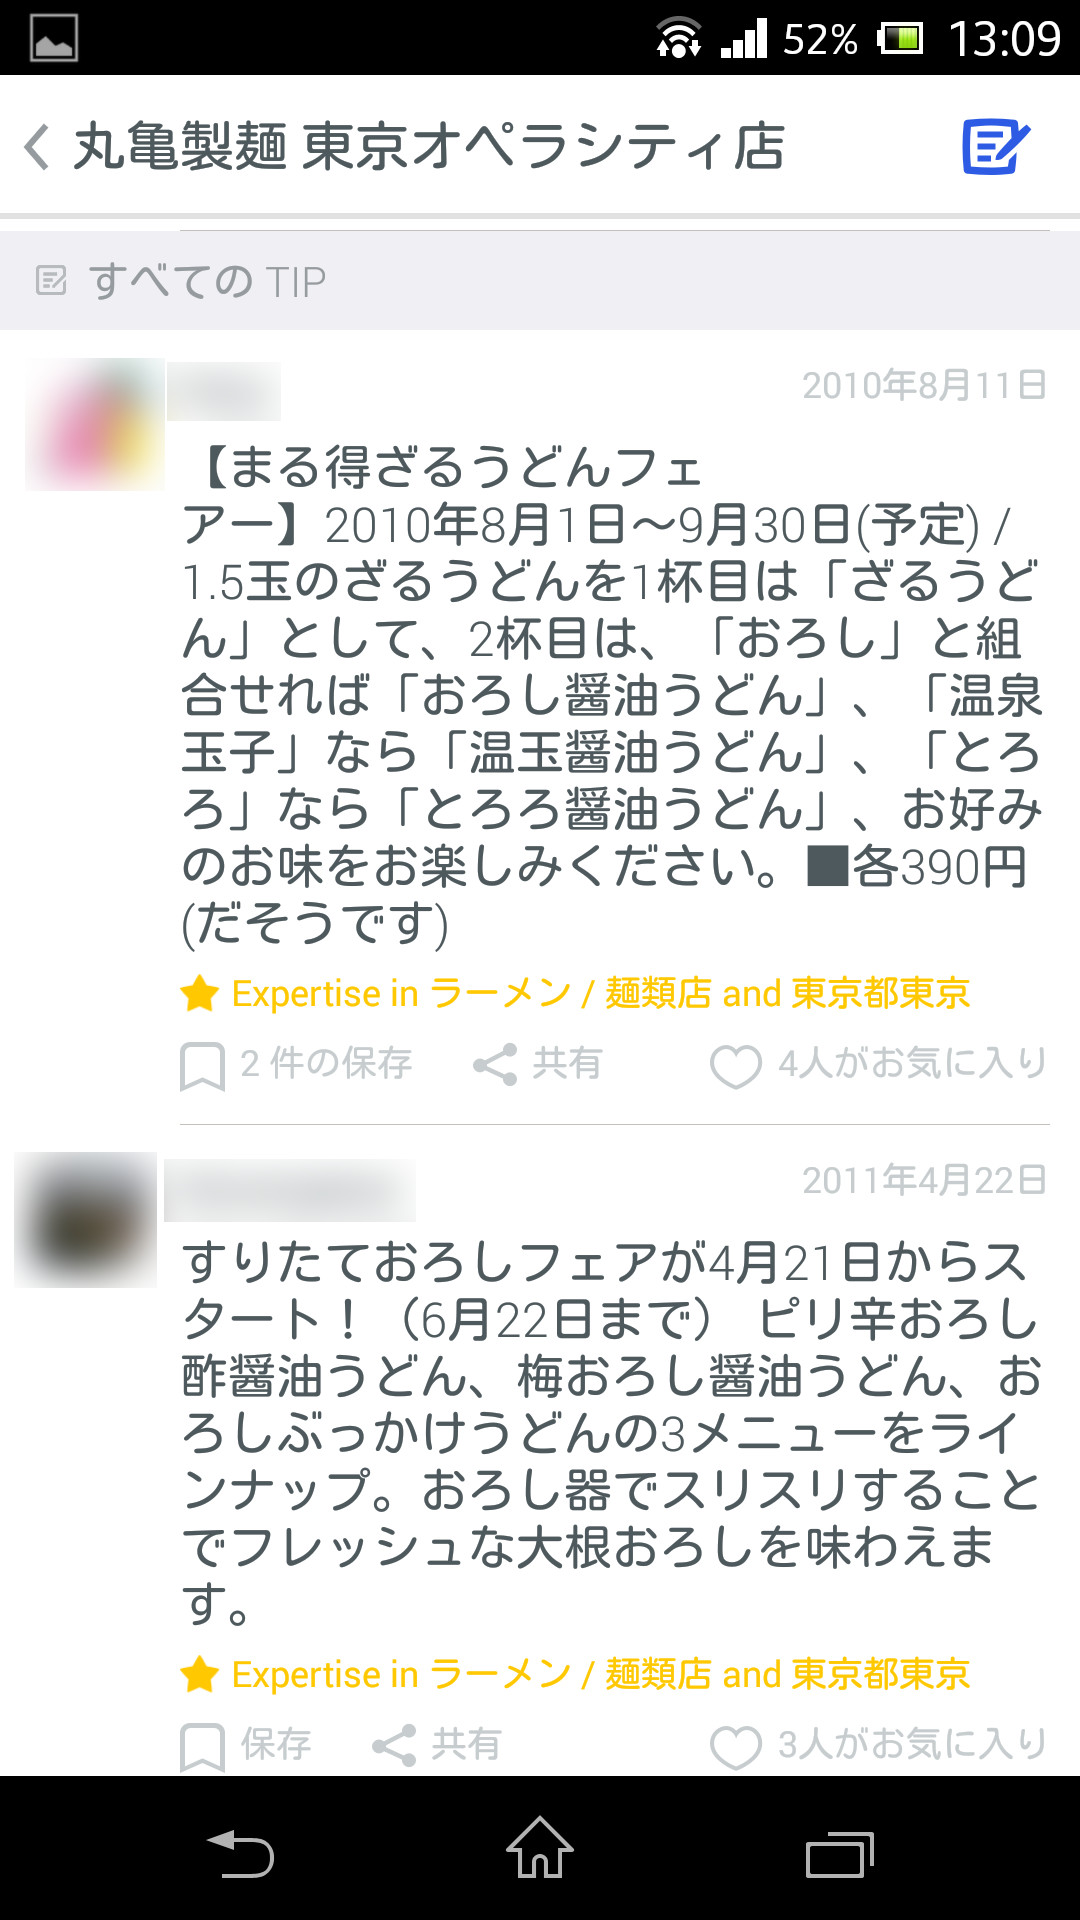 """詳細画面の下部では、他のユーザーが書き込んだ""""Tips""""を閲覧可能"""